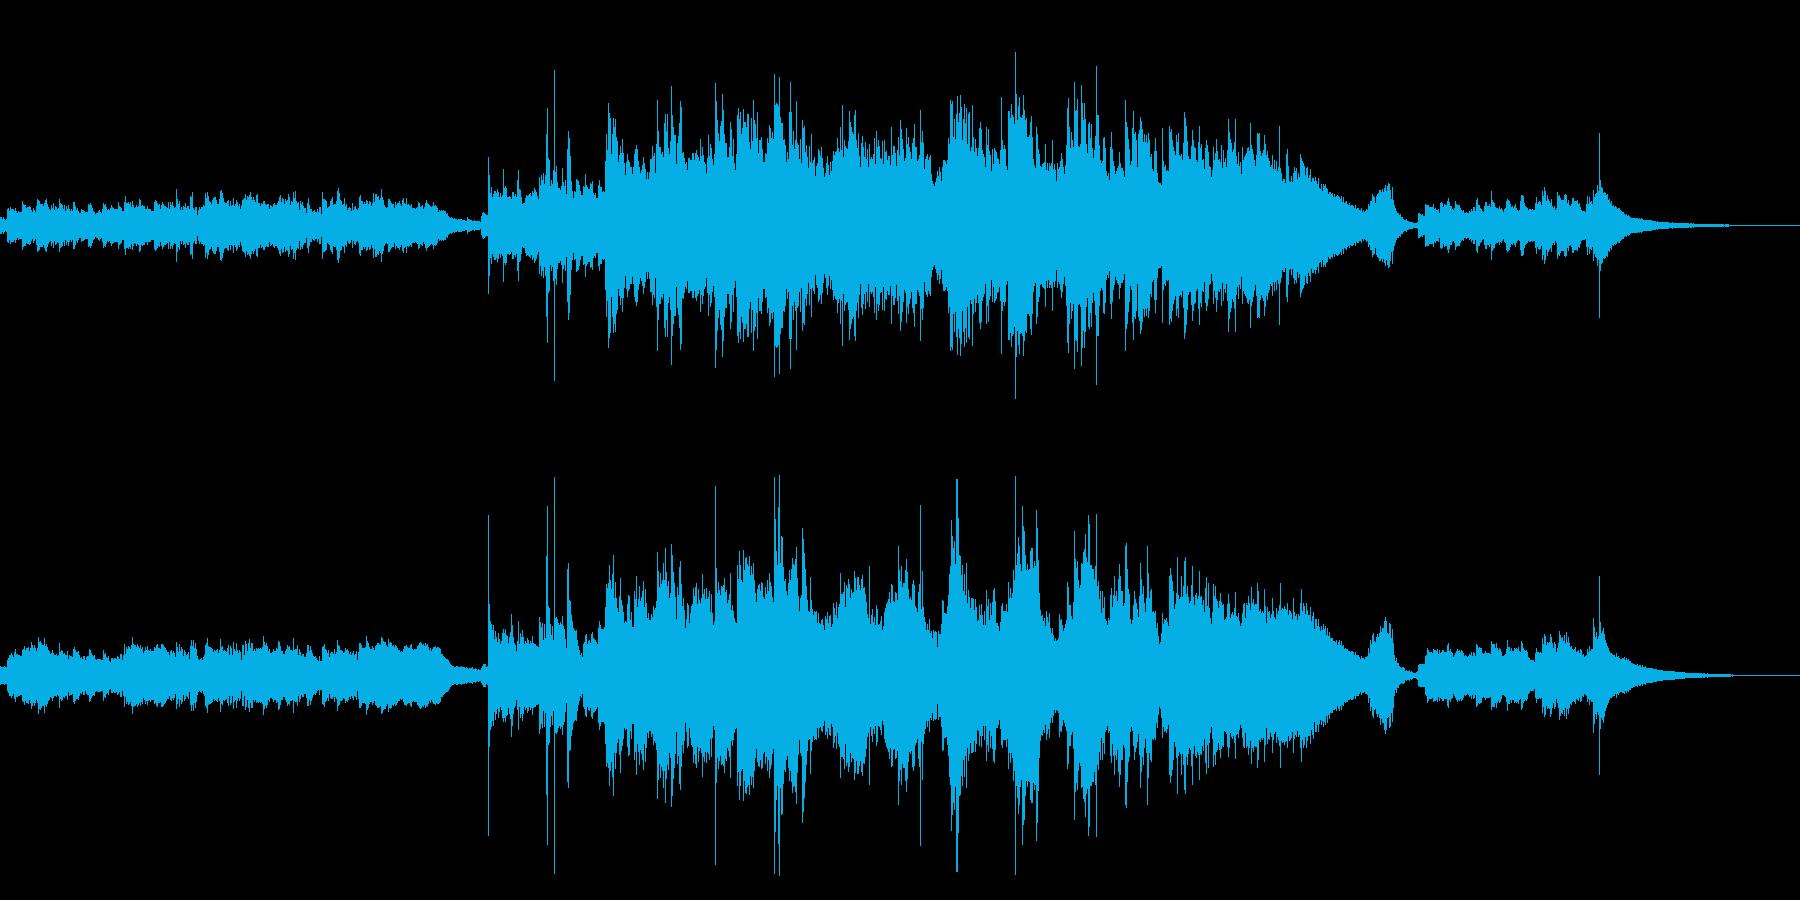 筝とパーカションを使った怪しげな能風の曲の再生済みの波形